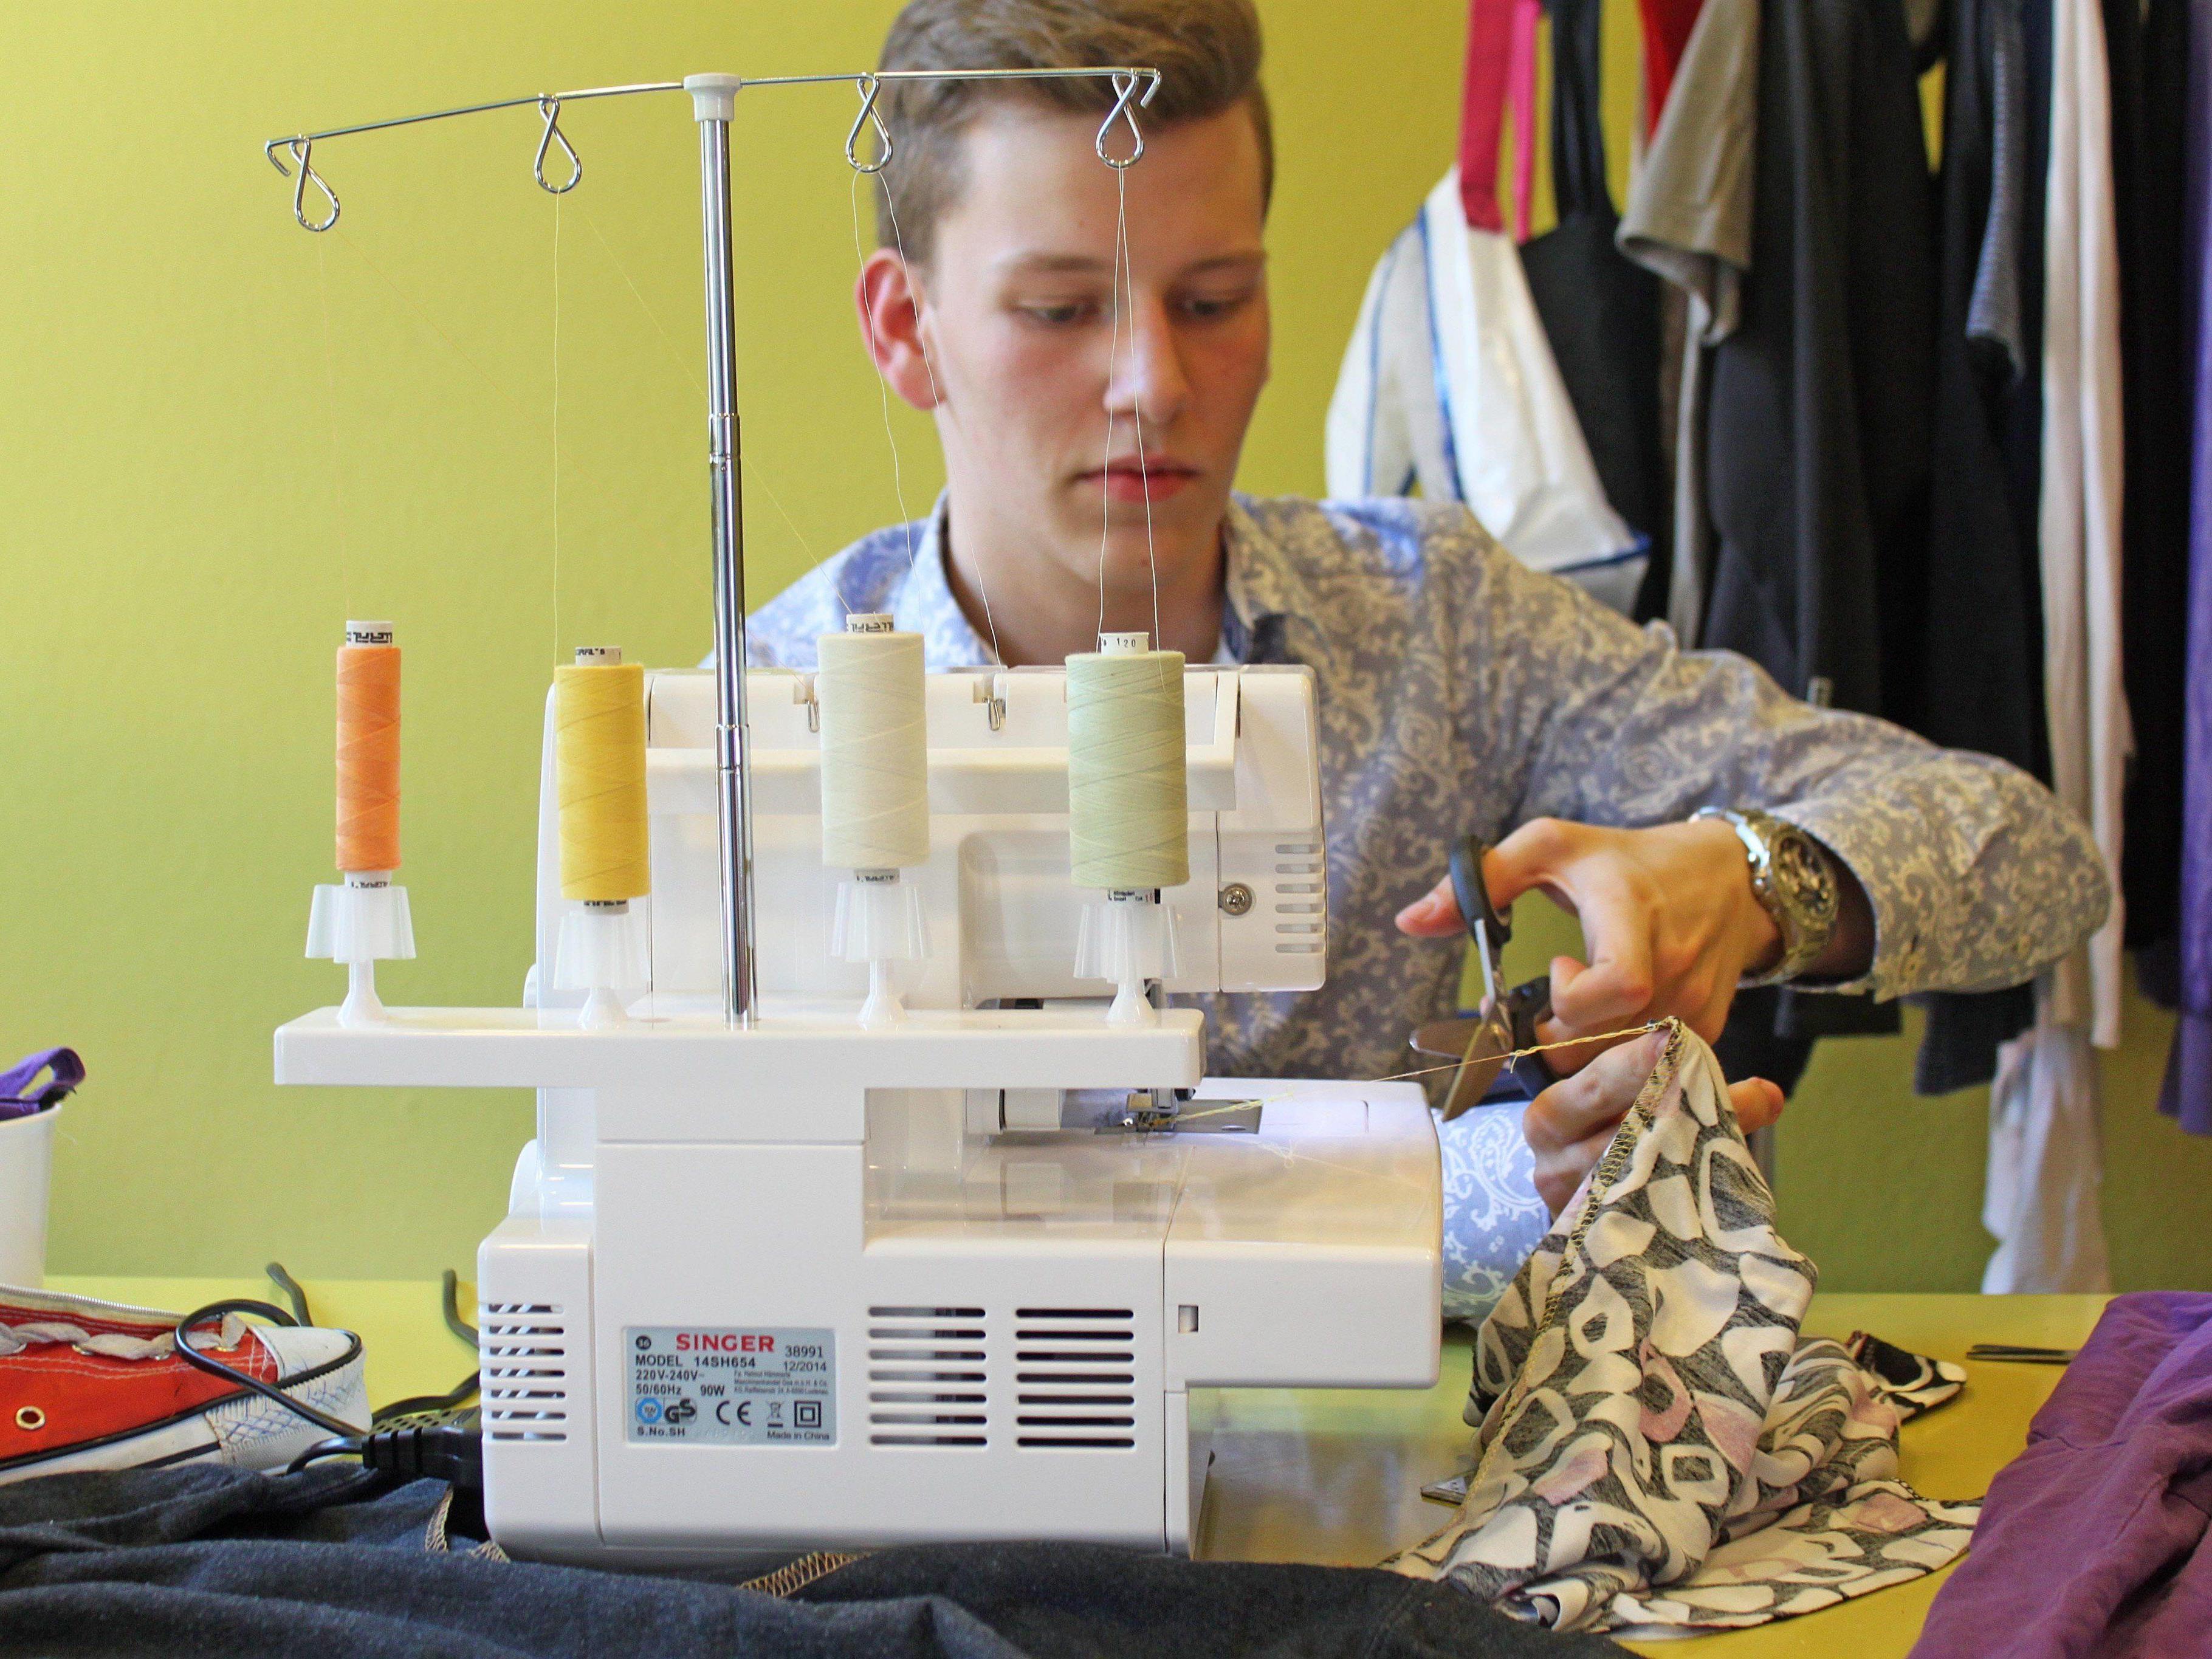 Einfall statt Abfall: Junge Experts zeigten, was aus alten Kleidern und Computern alles herauszuholen ist.